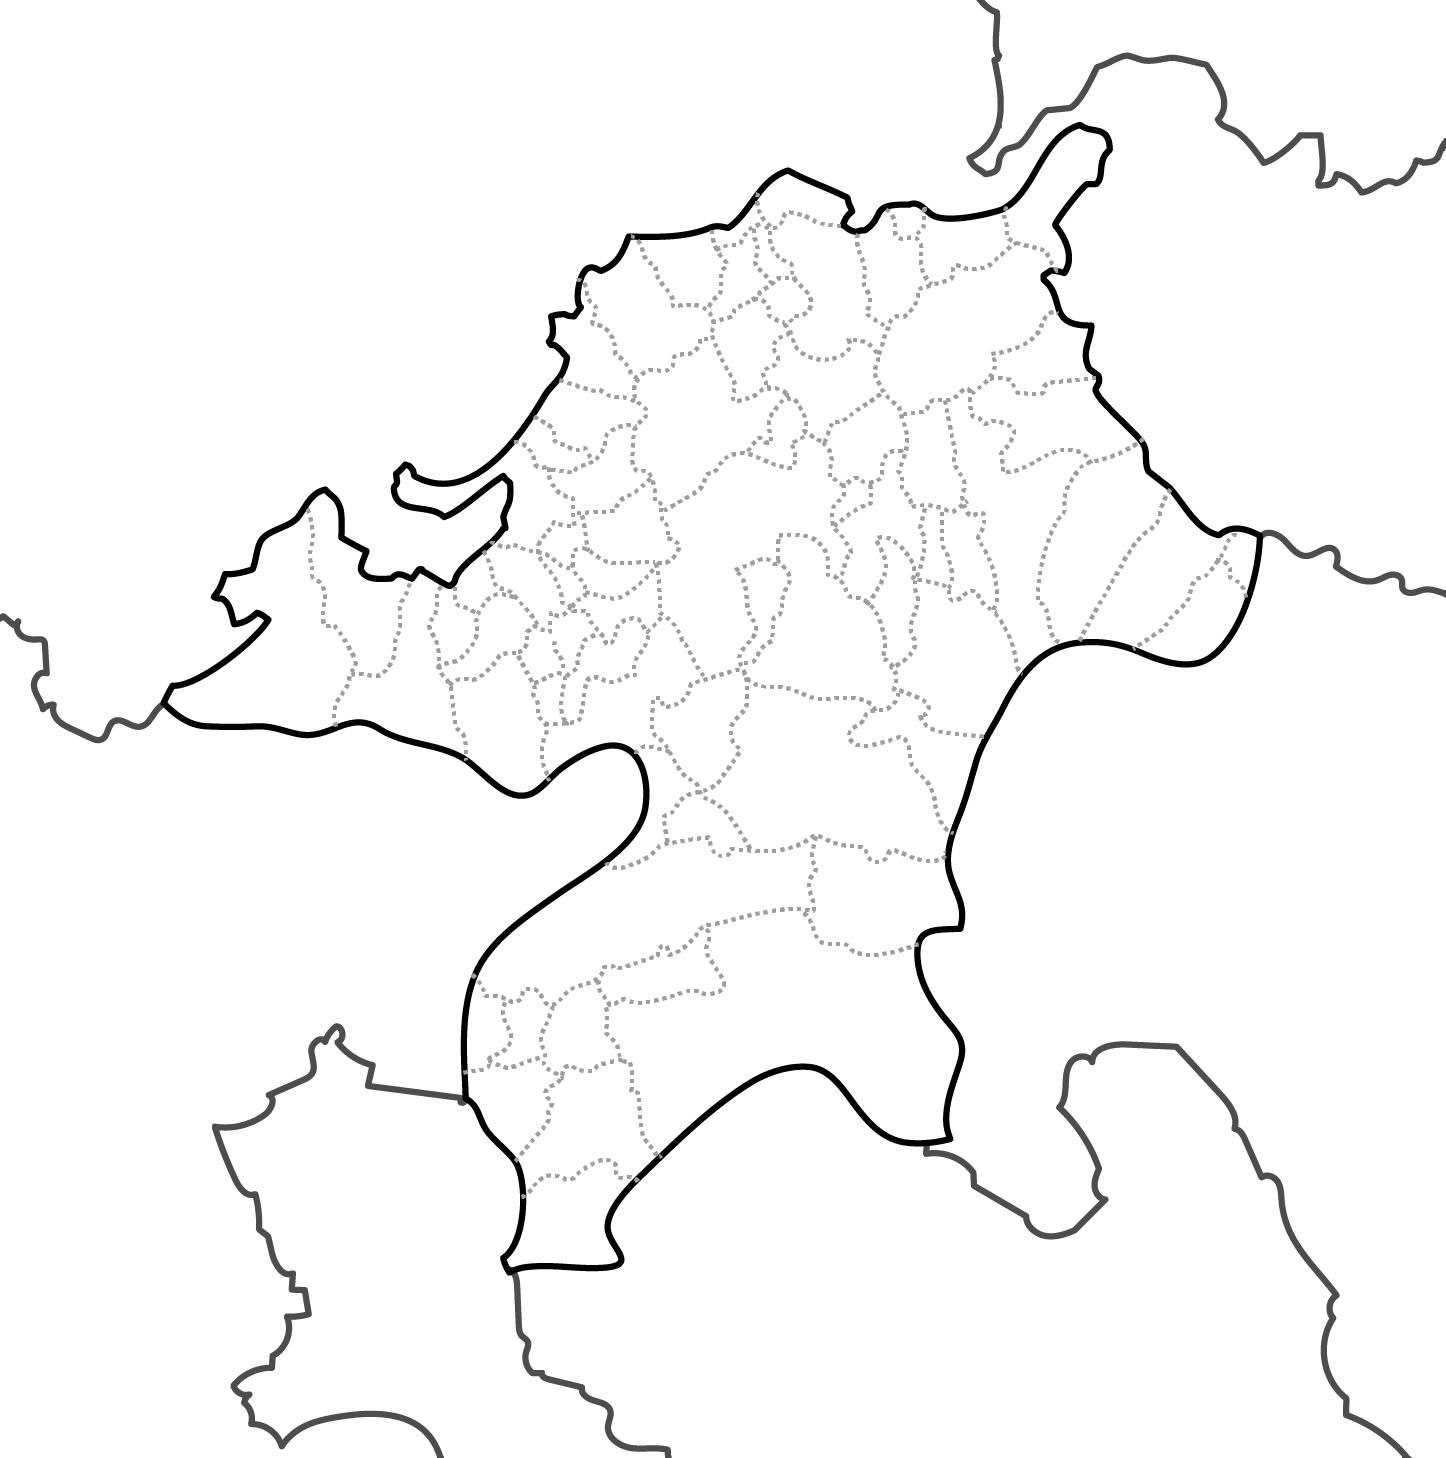 [白地図]福岡県・ラインあり・市区町村名なし・隣県なし